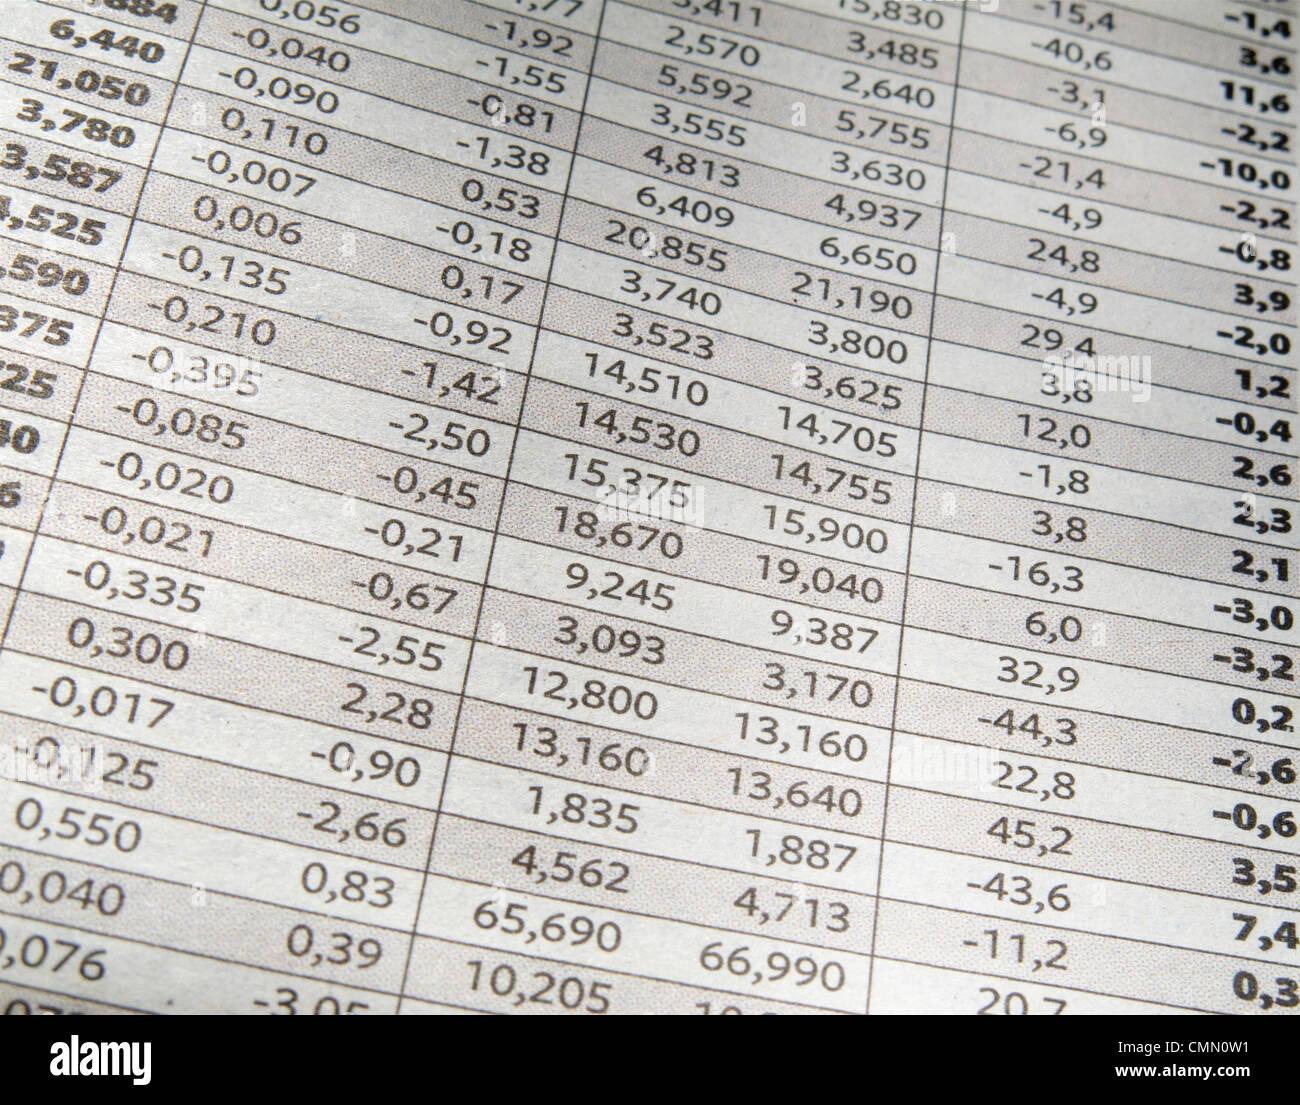 Mostrar lista de periódicos de circulación diaria de los mercados de acciones. Foto de stock